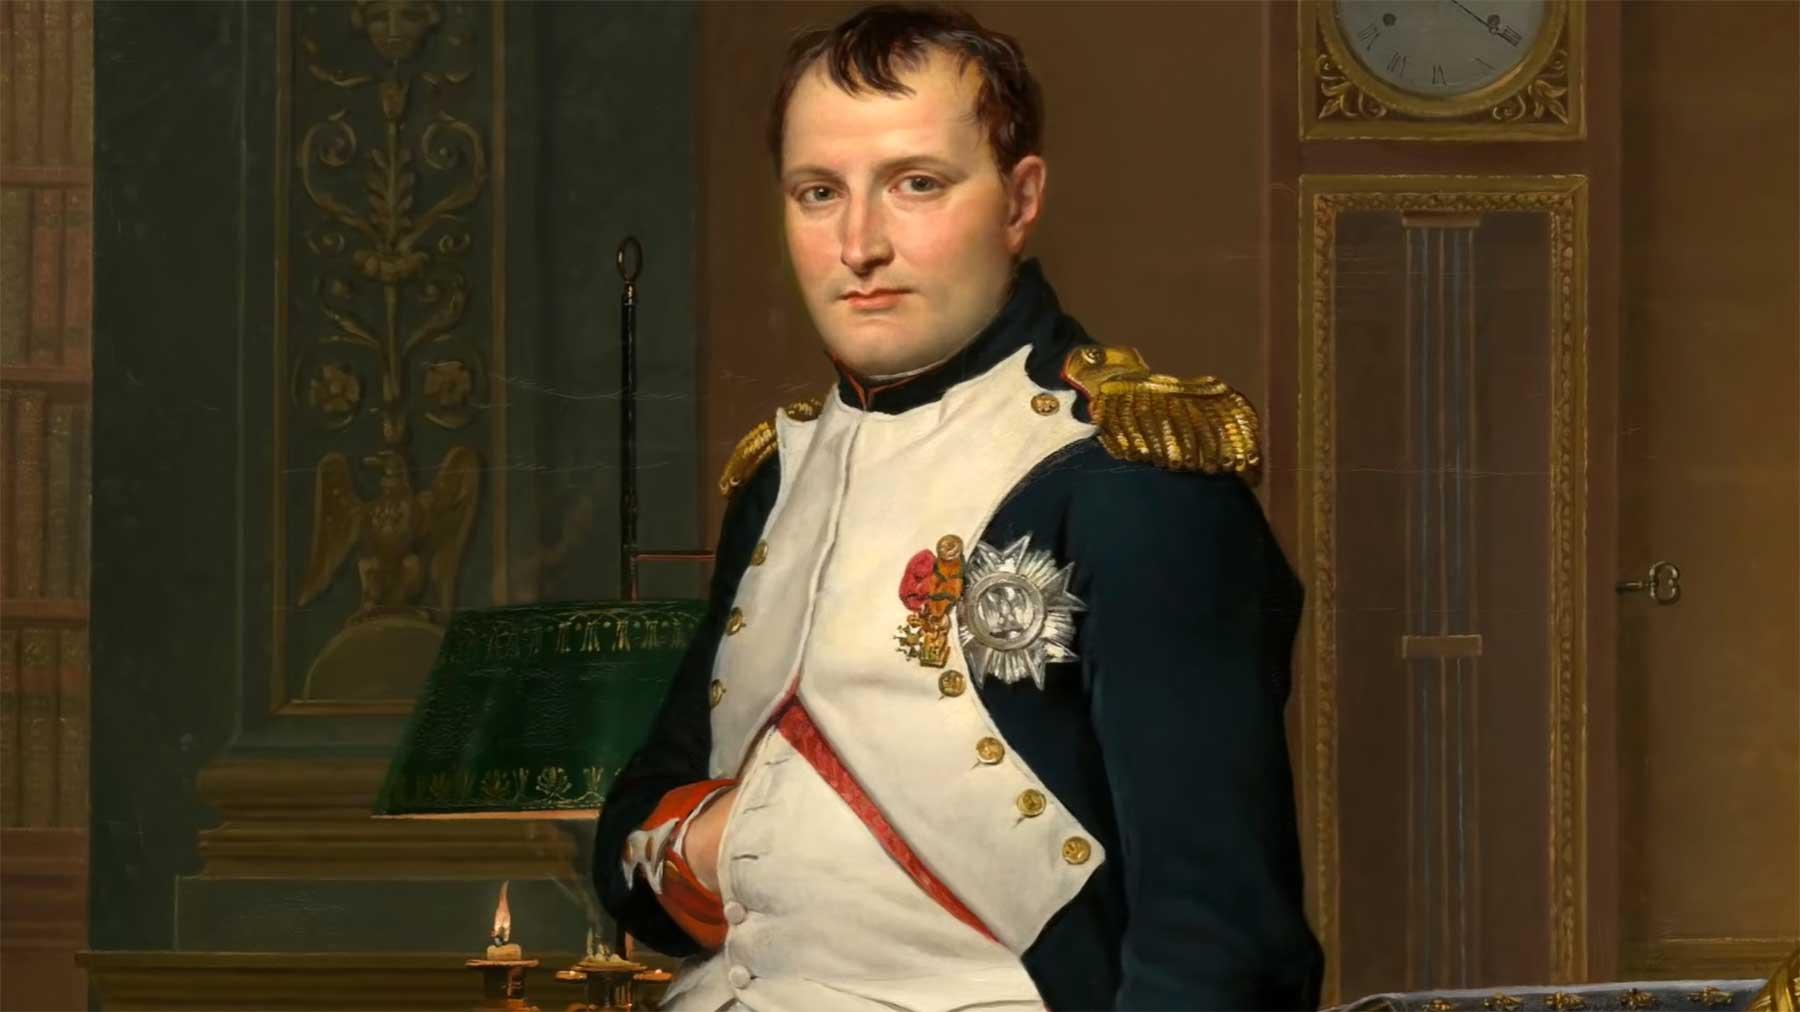 Deshalb hat Napoleon seine Hand verdeckt napoleon-bonaparte-hand-weg